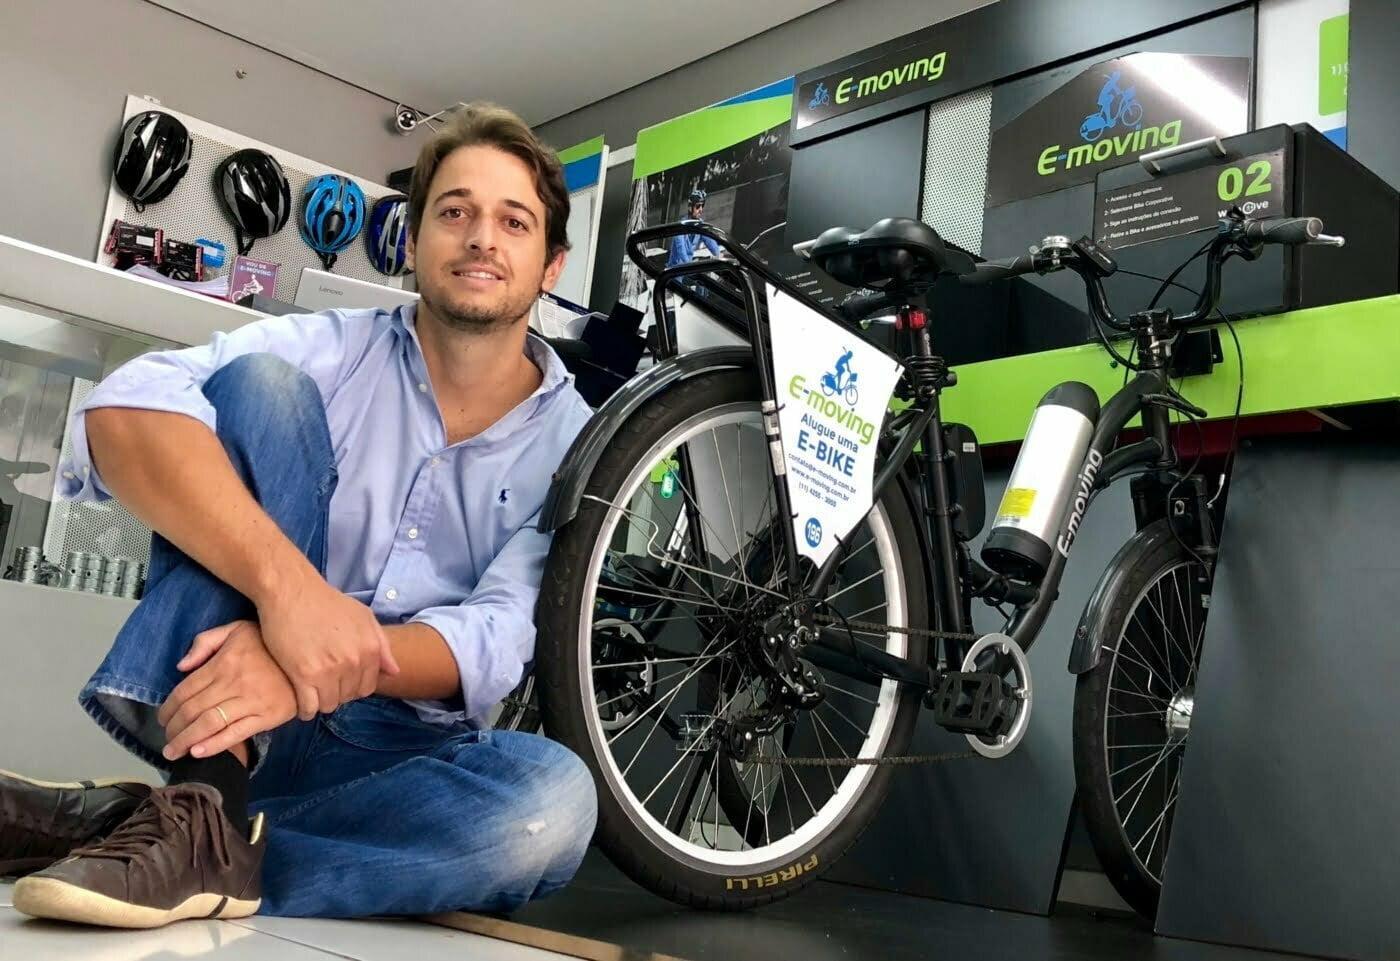 Gabriel Arcon apostou em uma alternativa de mobilidade urbana sustentável para criar a E-moving.